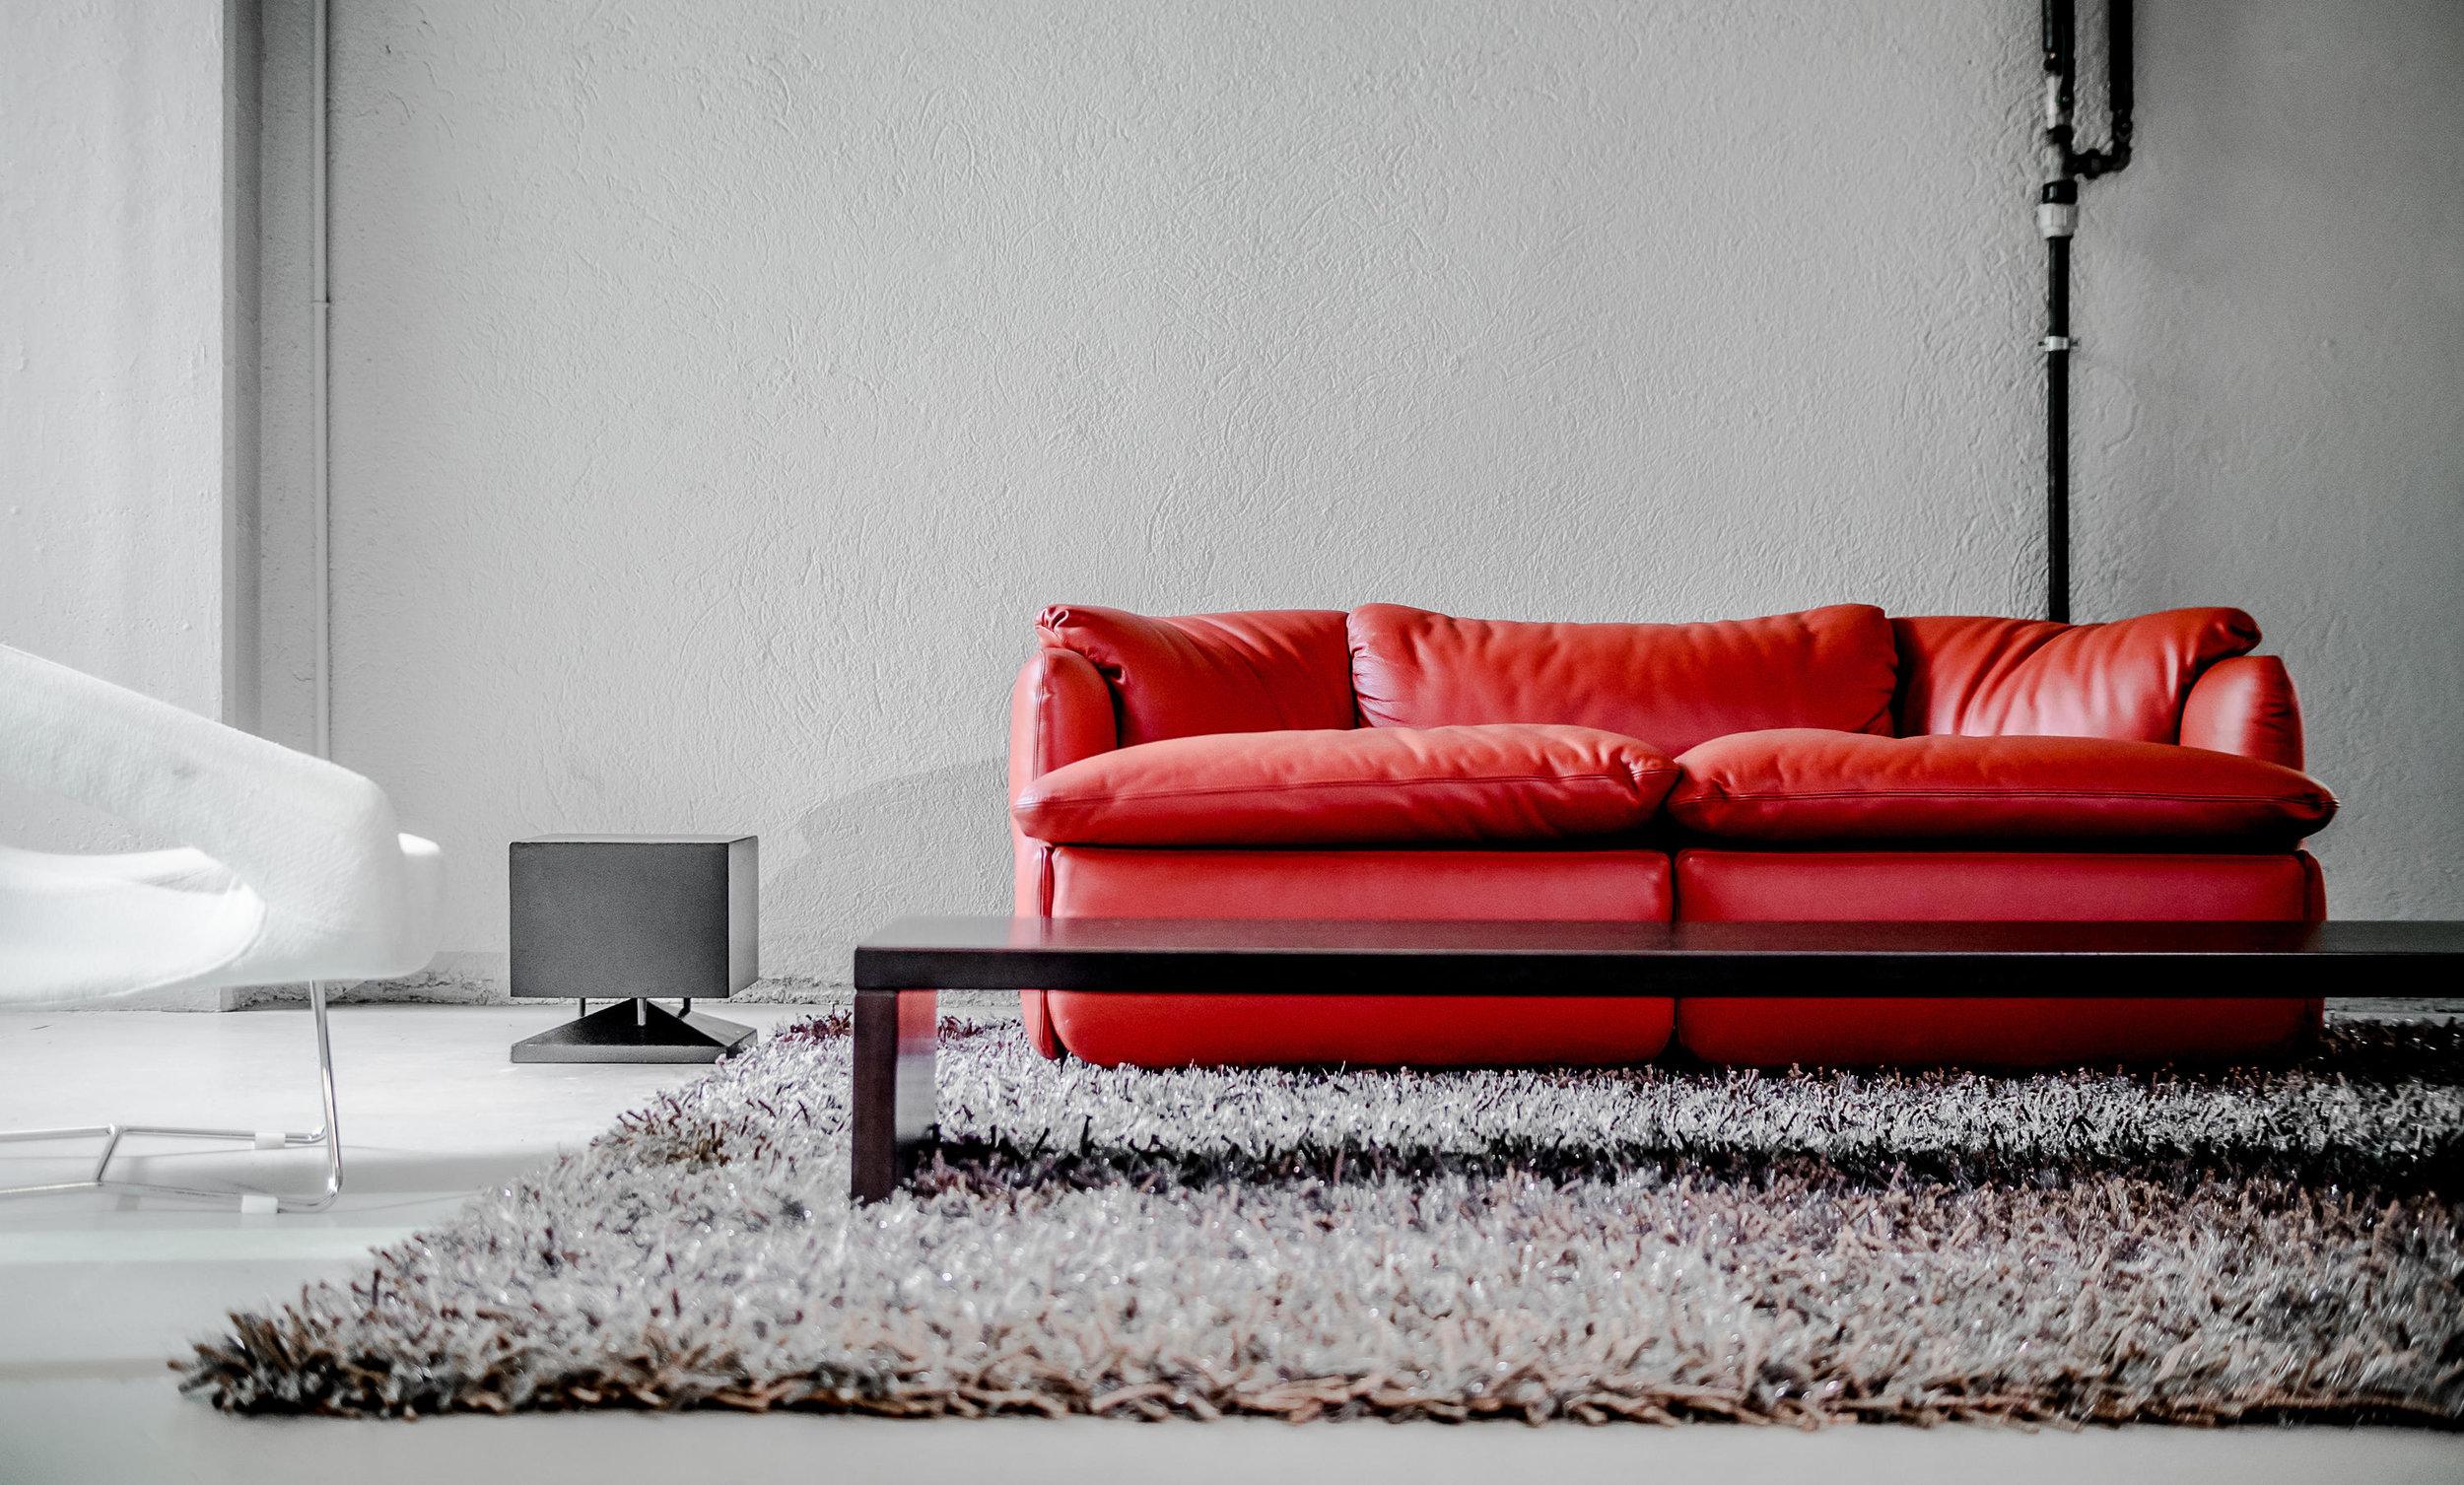 cubino-concreteblack-cementonero-1-b.jpg